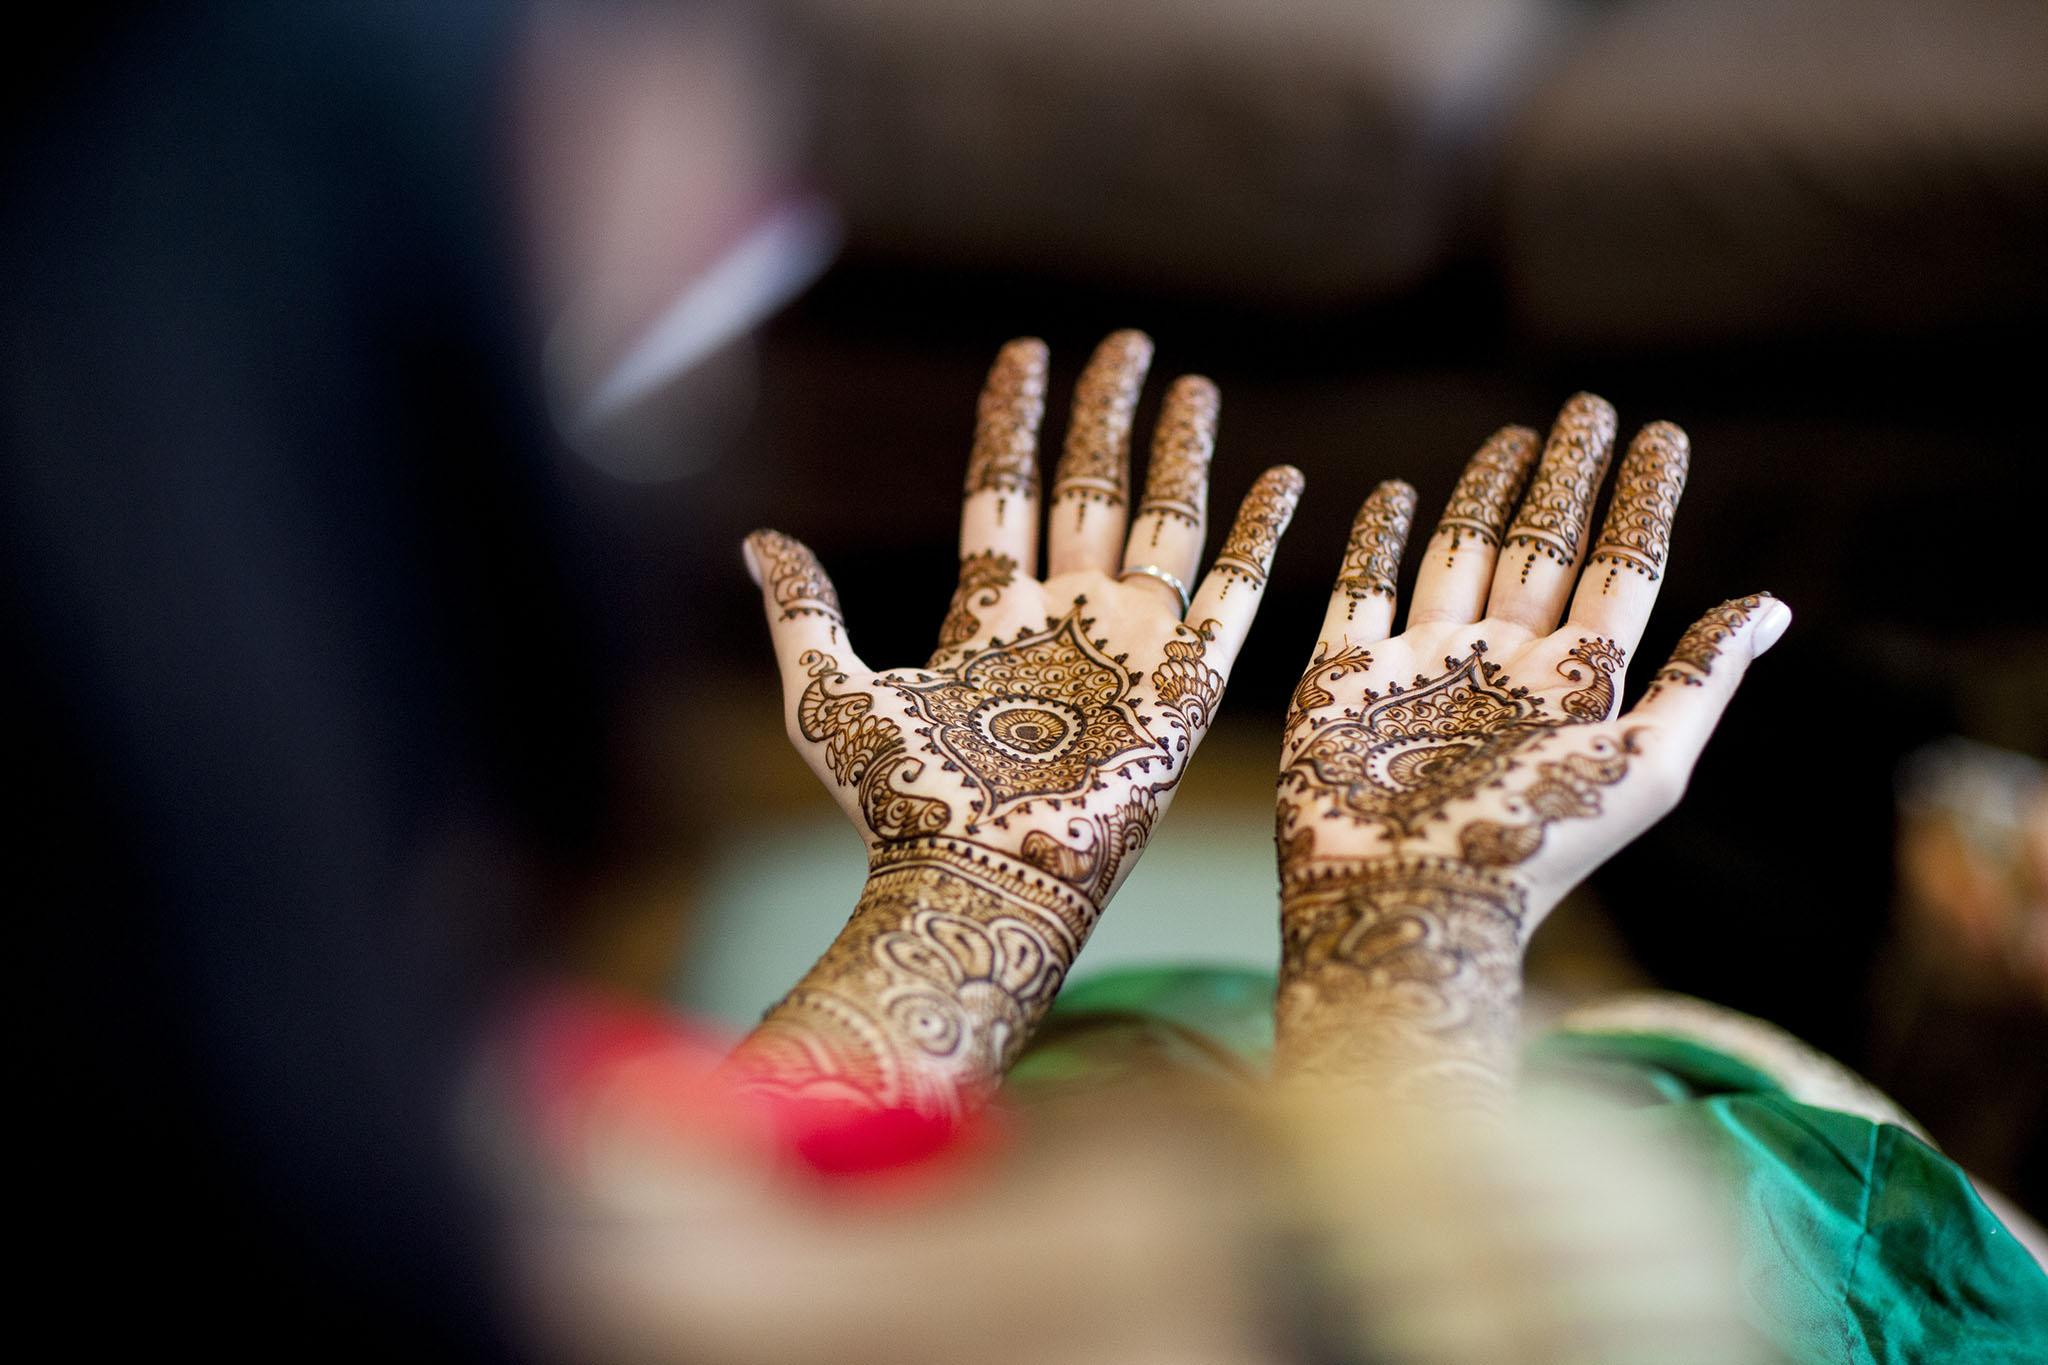 elizabethg_fineart_photography_hertfordshire_indian_wedding_mehndi_kundalata_10.jpg